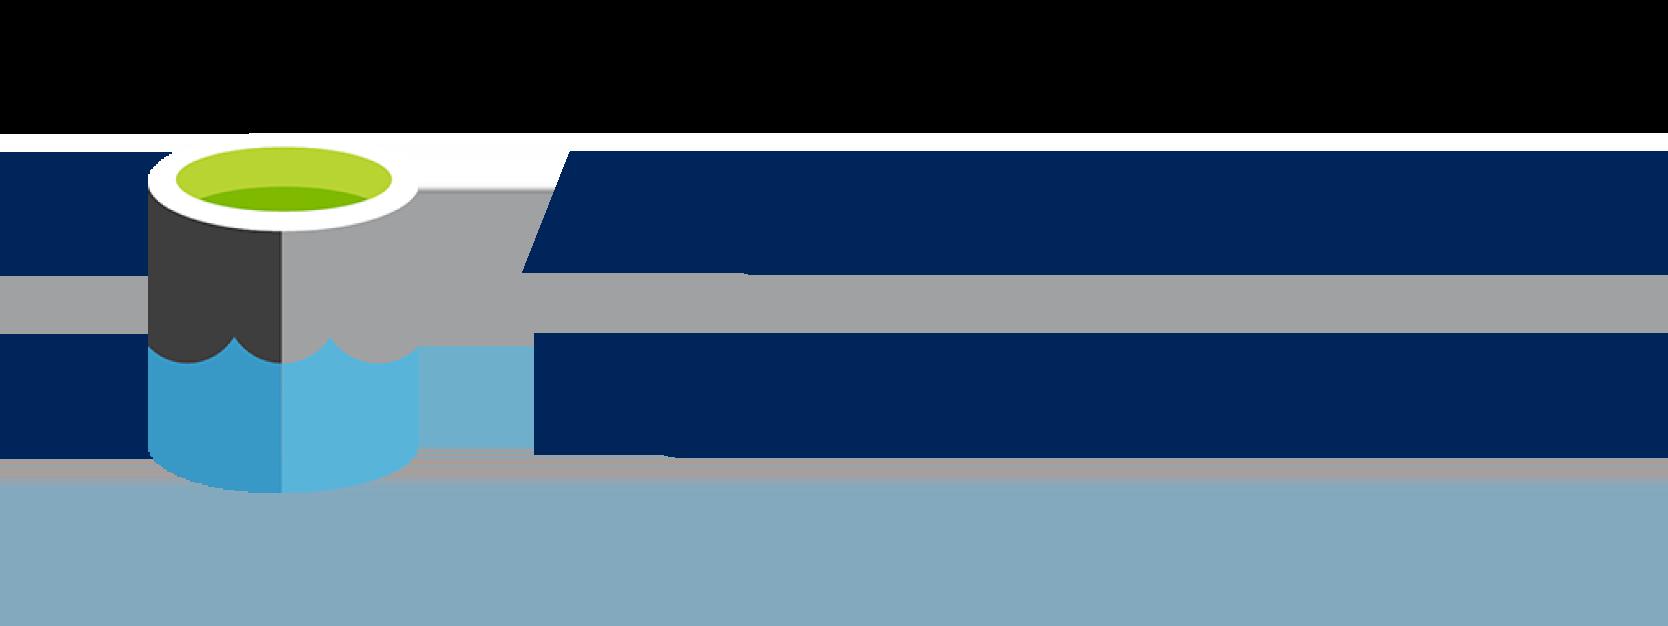 Azure Data Lake Storage logo